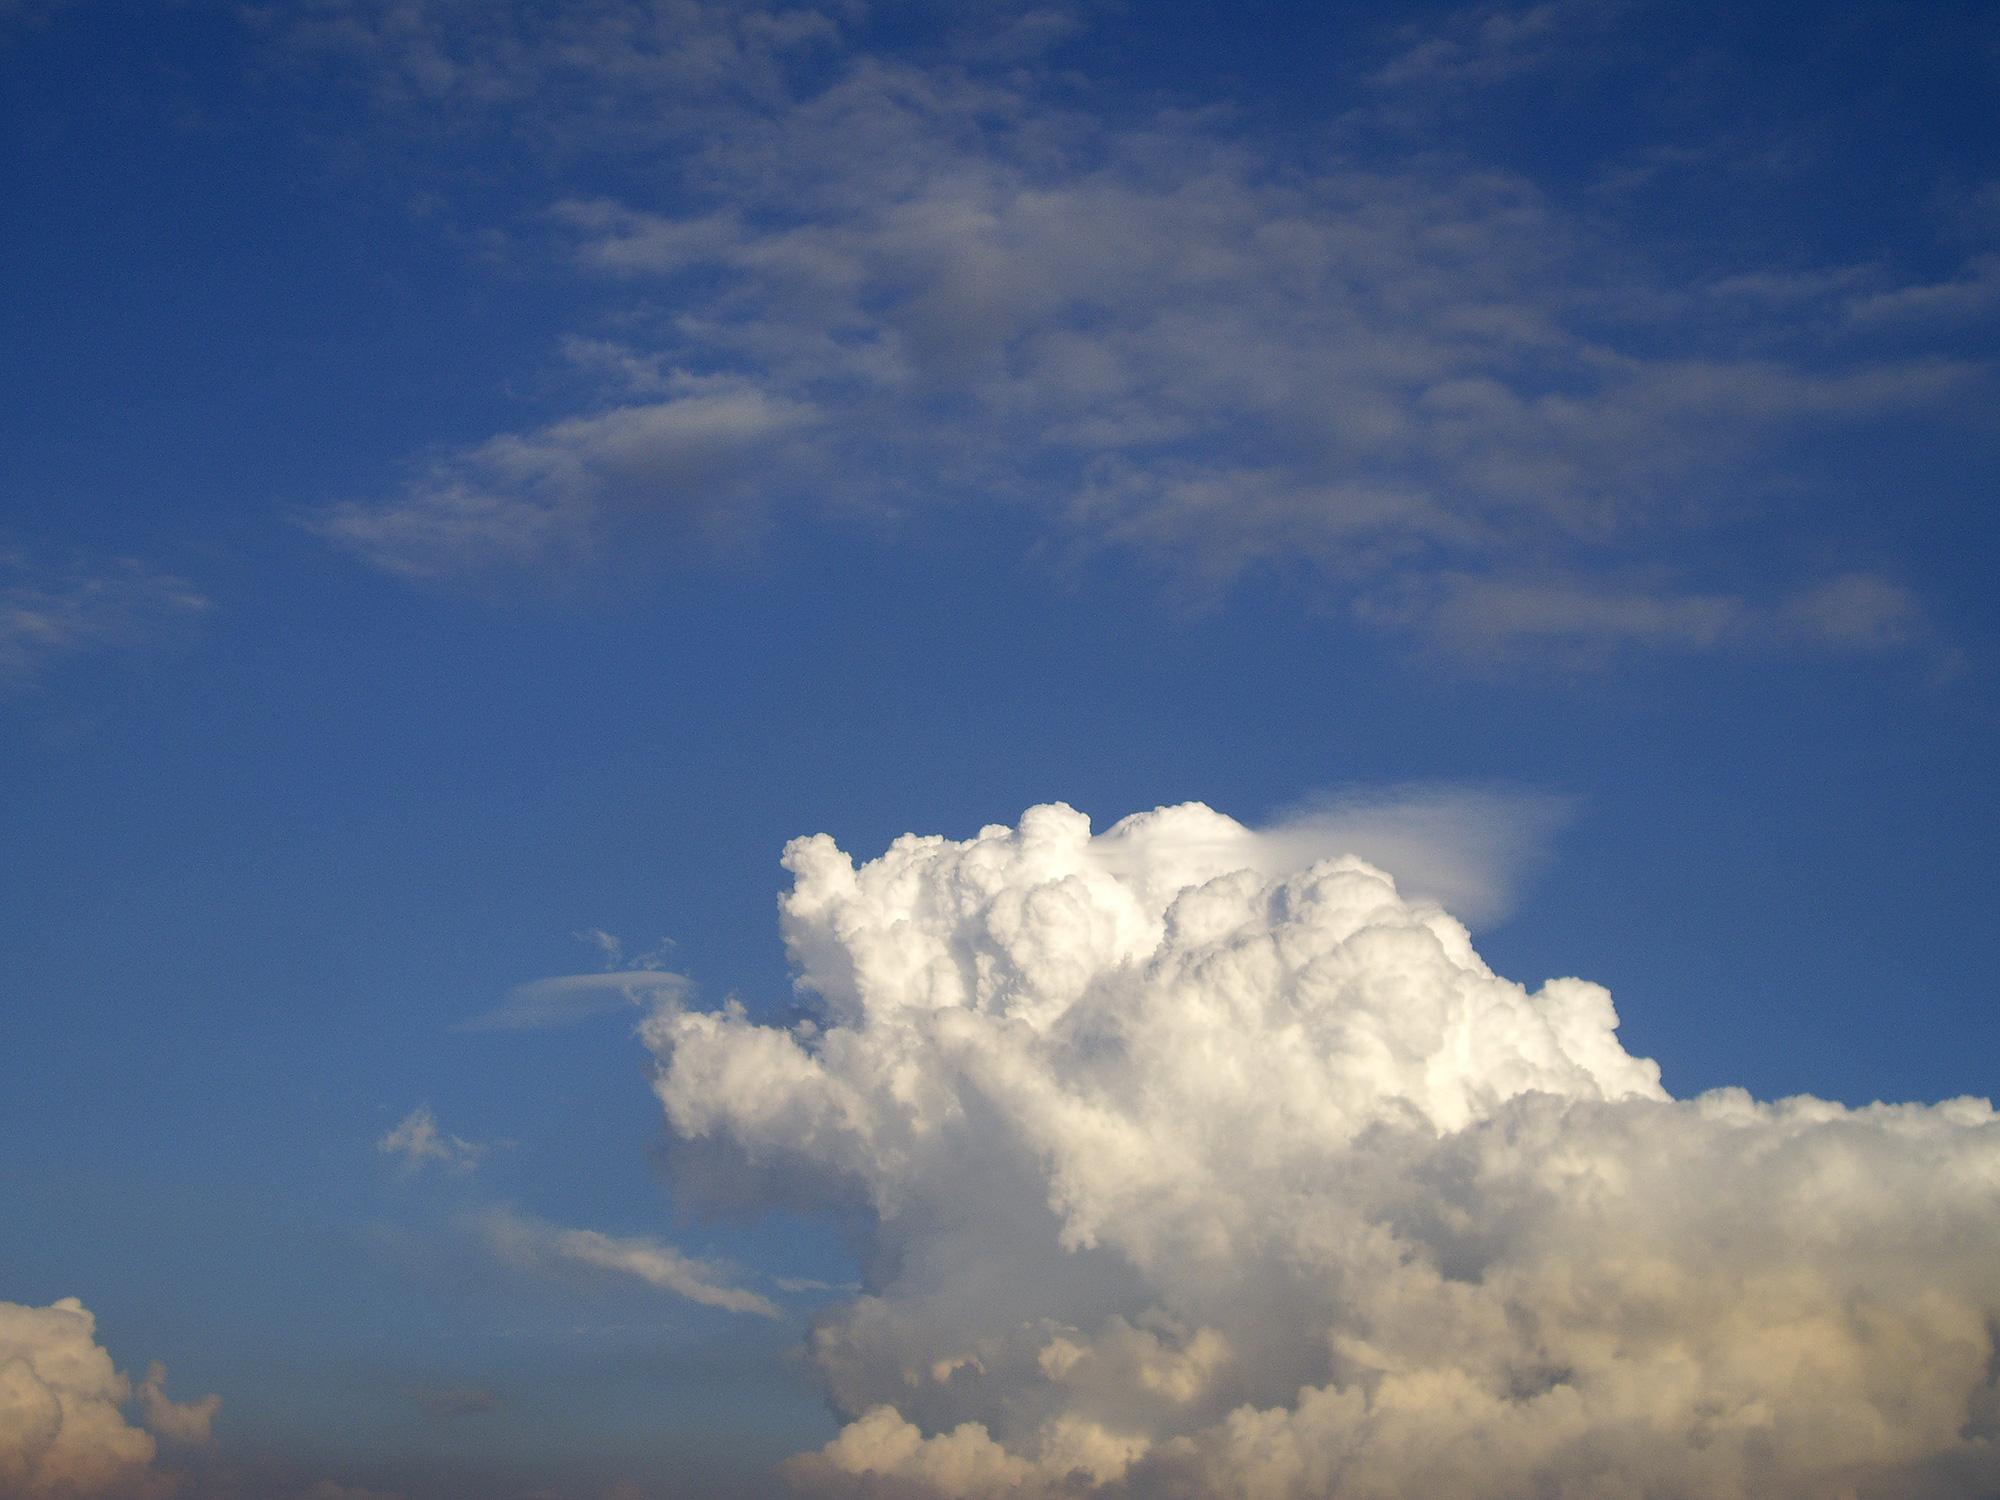 西日の夏空の無料写真素材